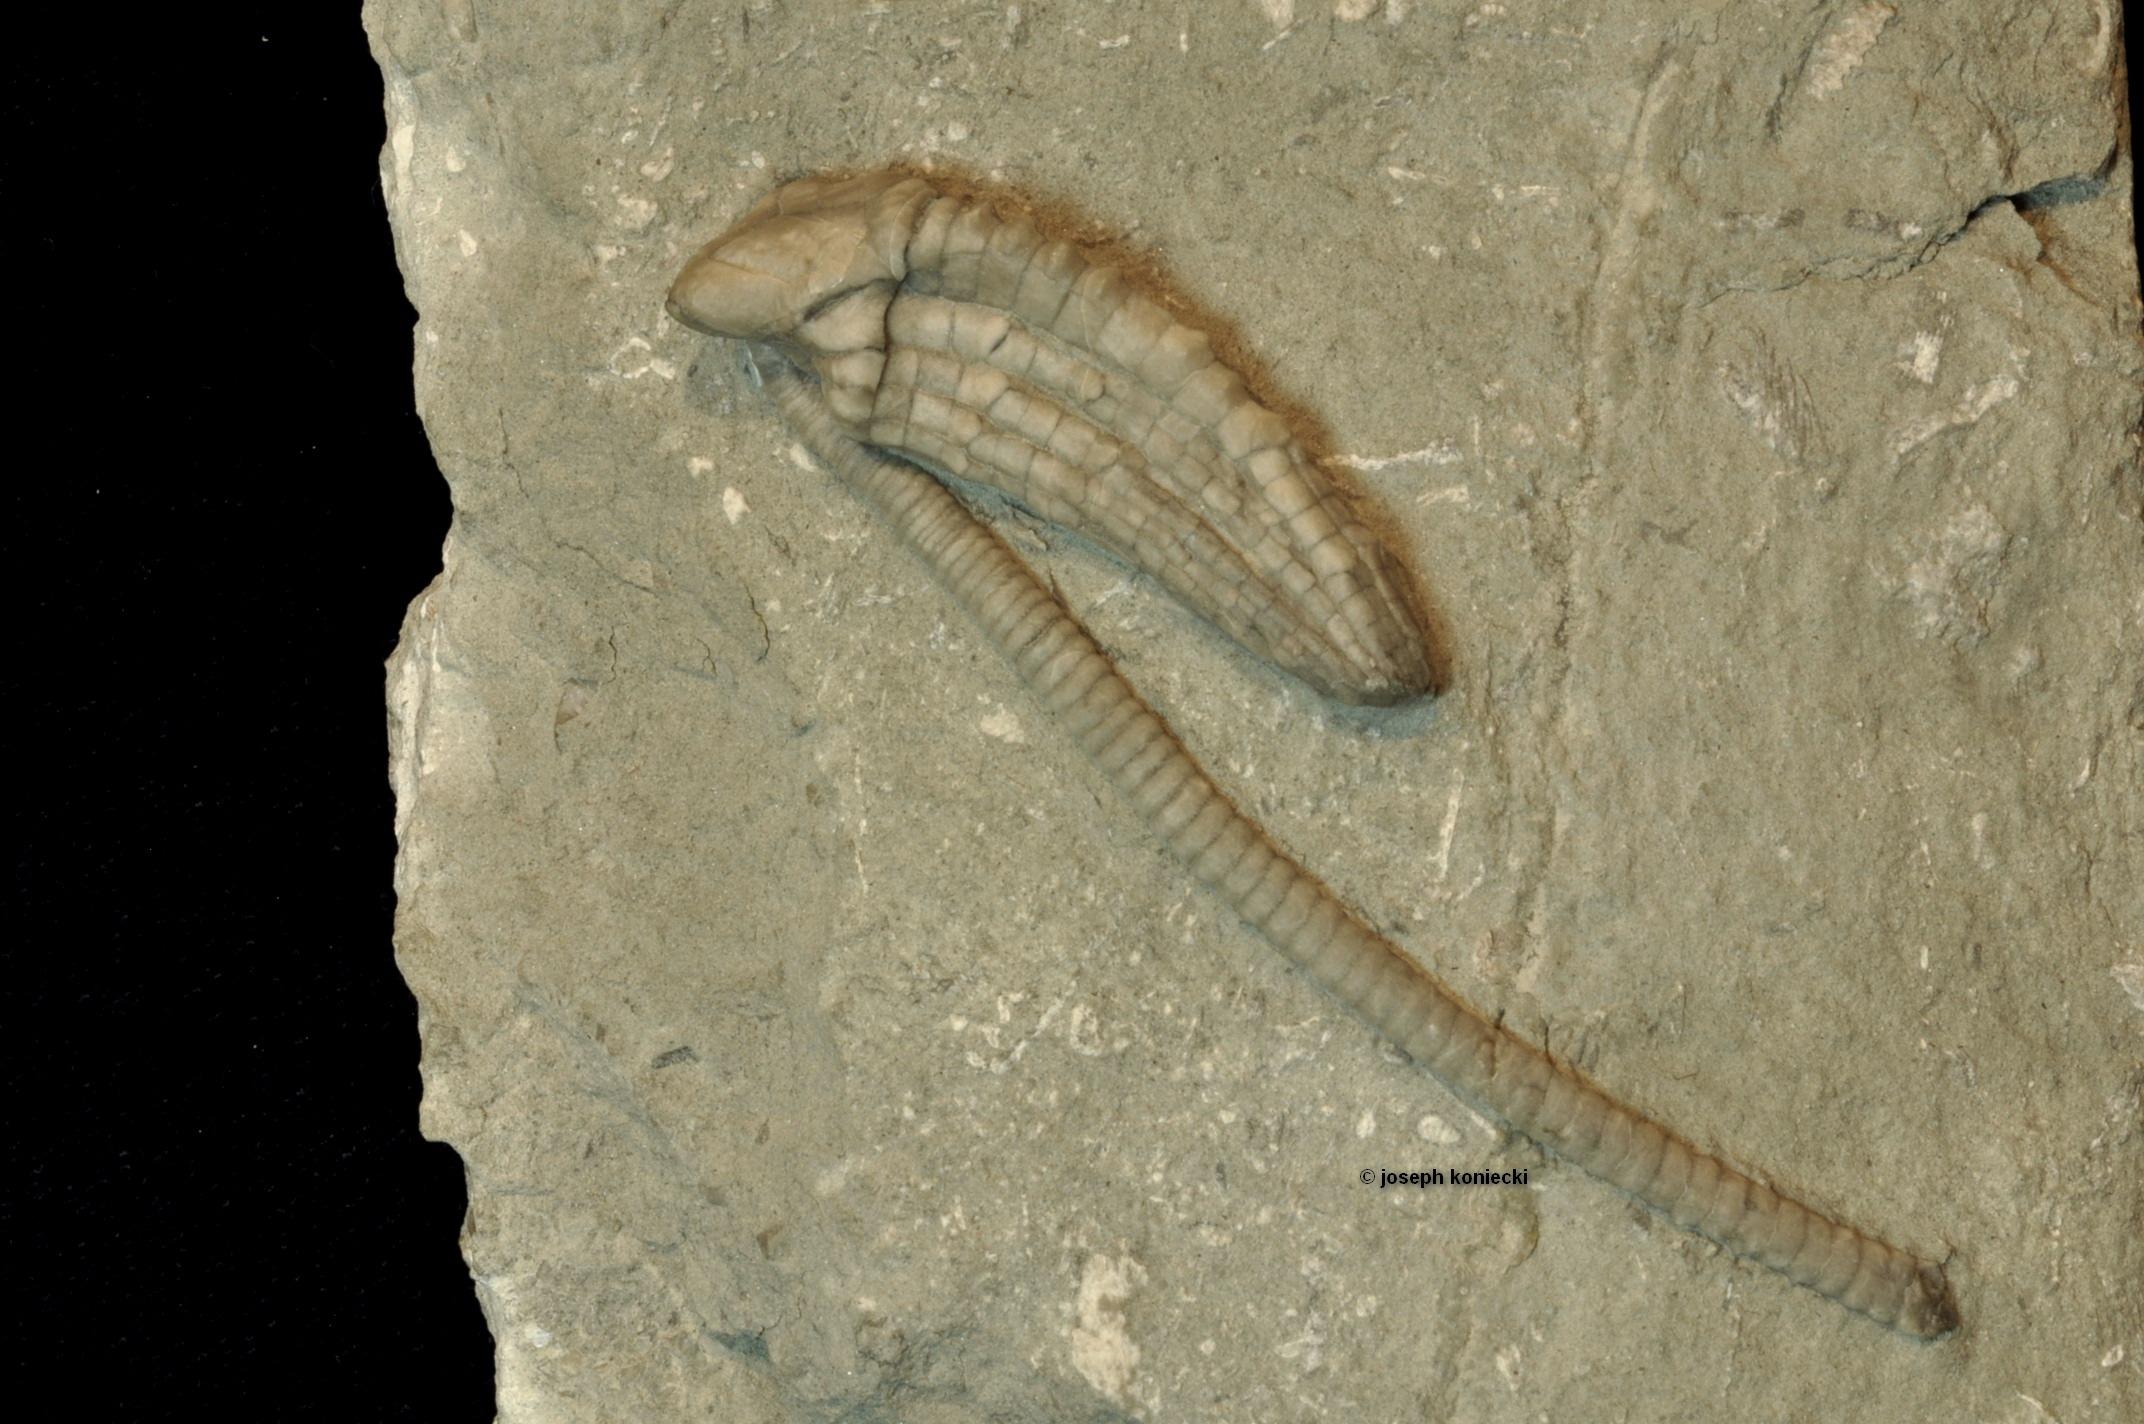 Halysiocrinus